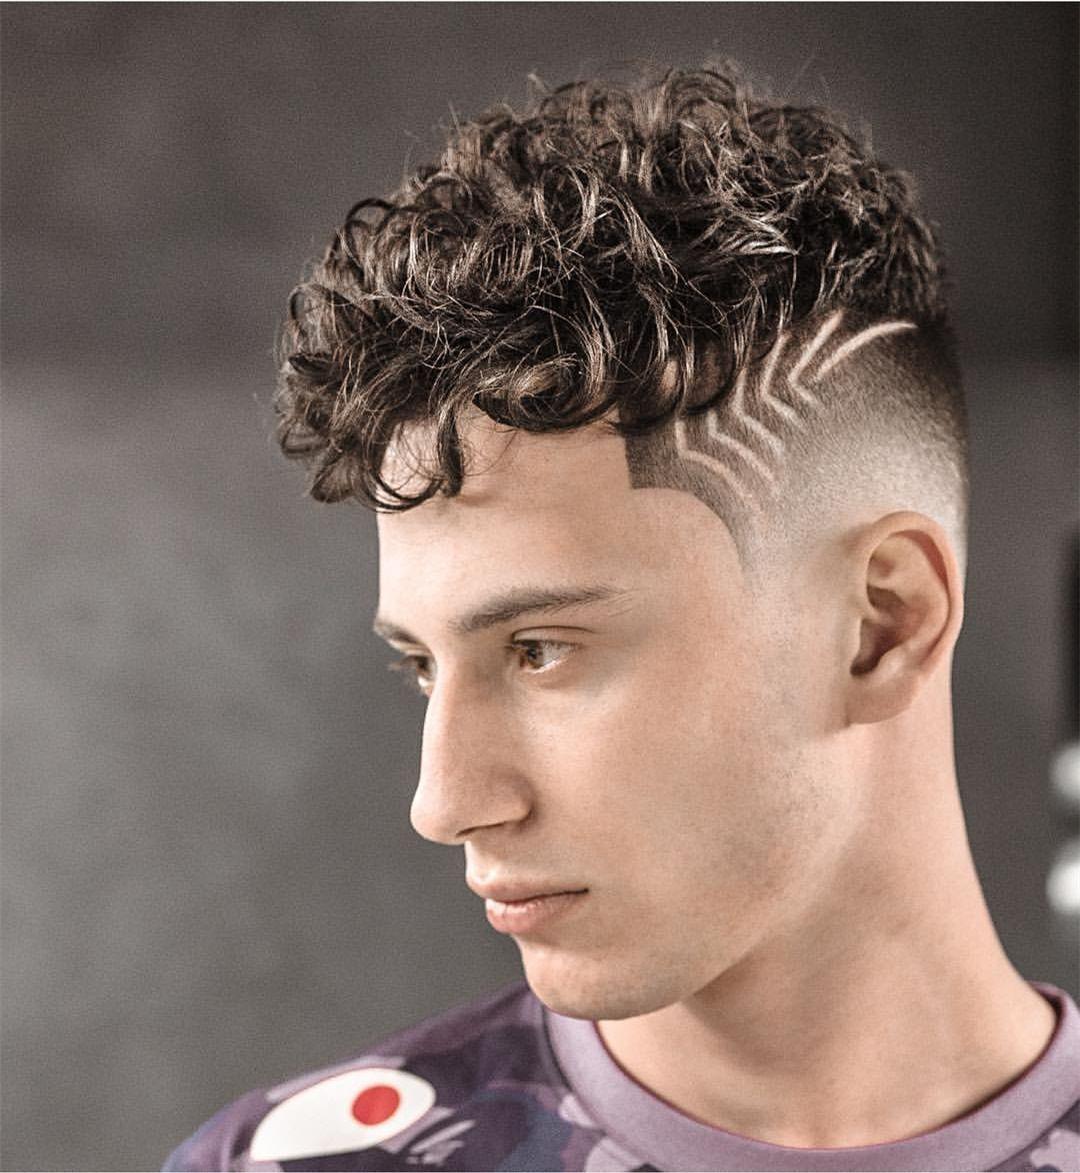 男生圆头刻痕发型图片 时尚刻痕发型展现你的个人魅力_男生圆...